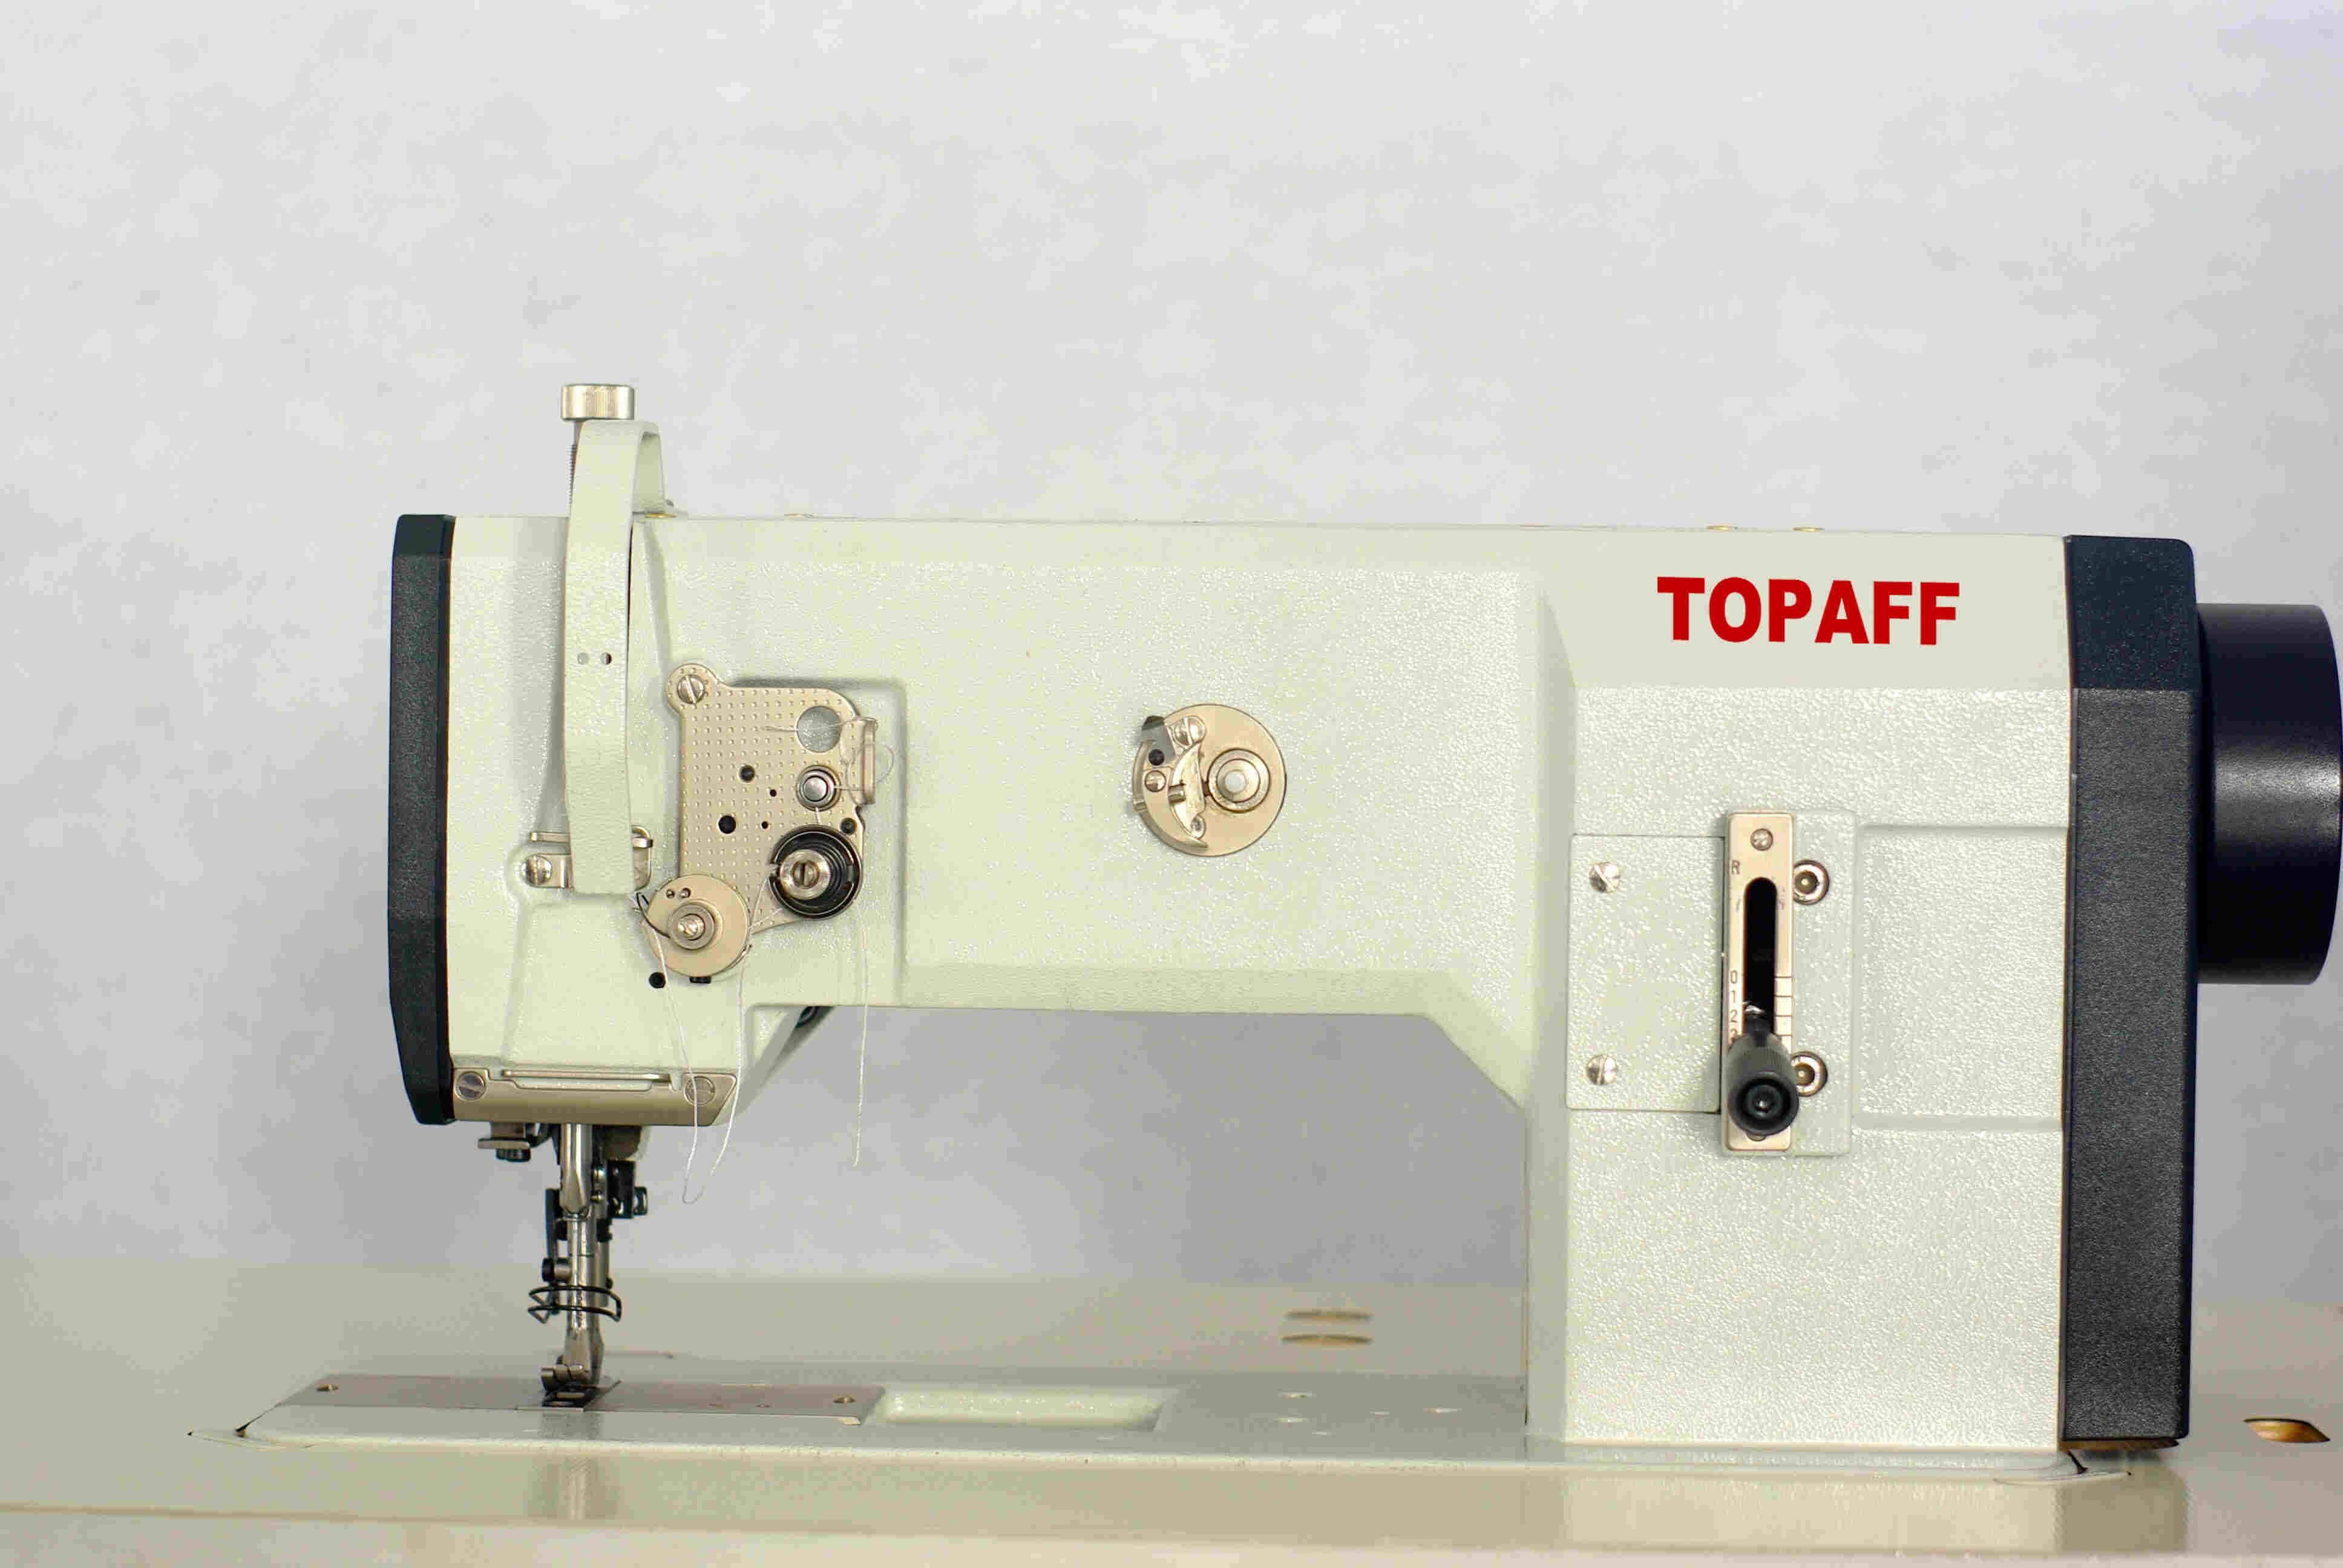 TOPAFF 1245-6/01 CLPMN single needle flat bed lockstitch machine